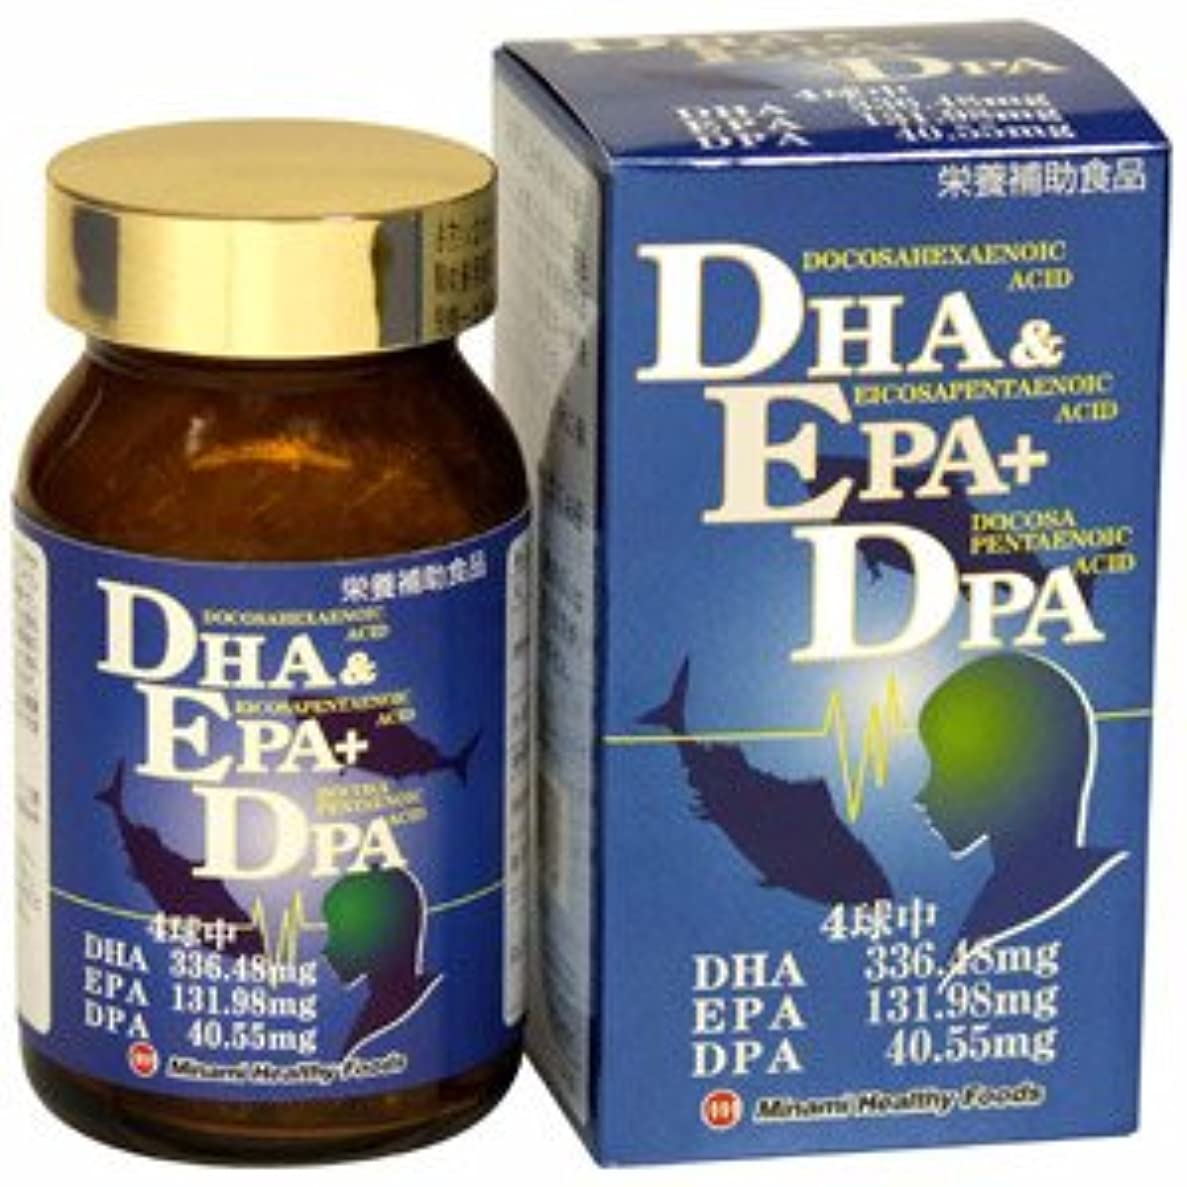 認めるペア記述するDHA&EPA+DPA(単品)ミナミヘルシーフーズ